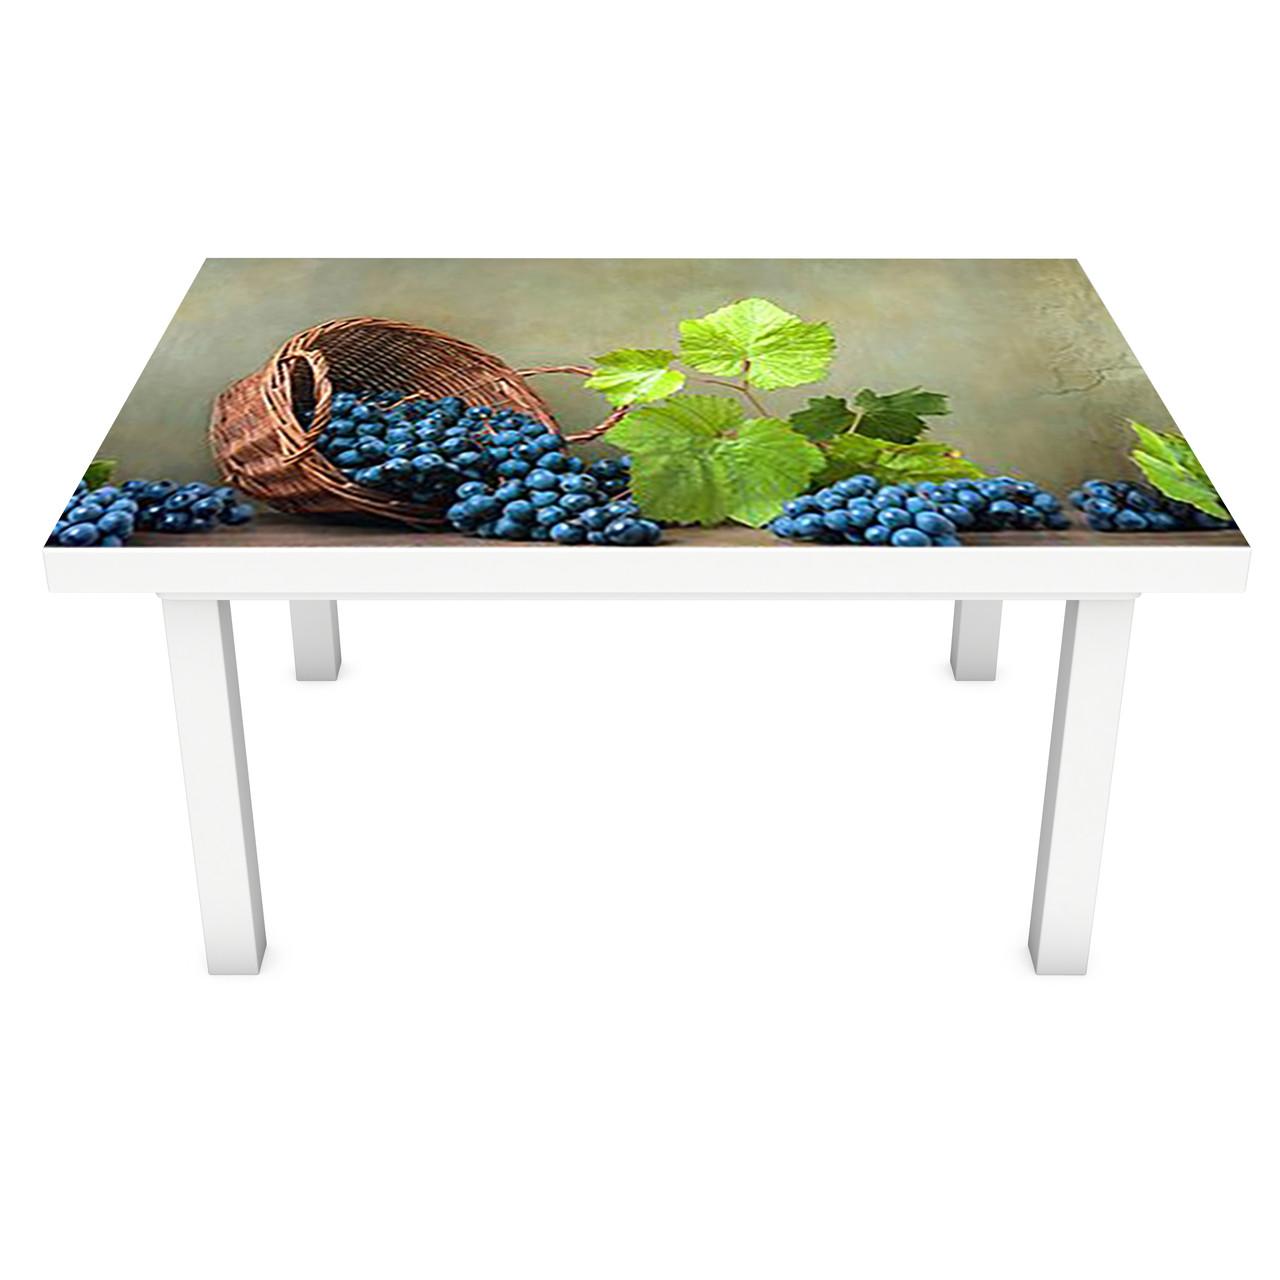 Наклейка на стол Синий Виноград ПВХ интерьерная пленка для мебели лоза ягоды Зеленый 600*1200 мм